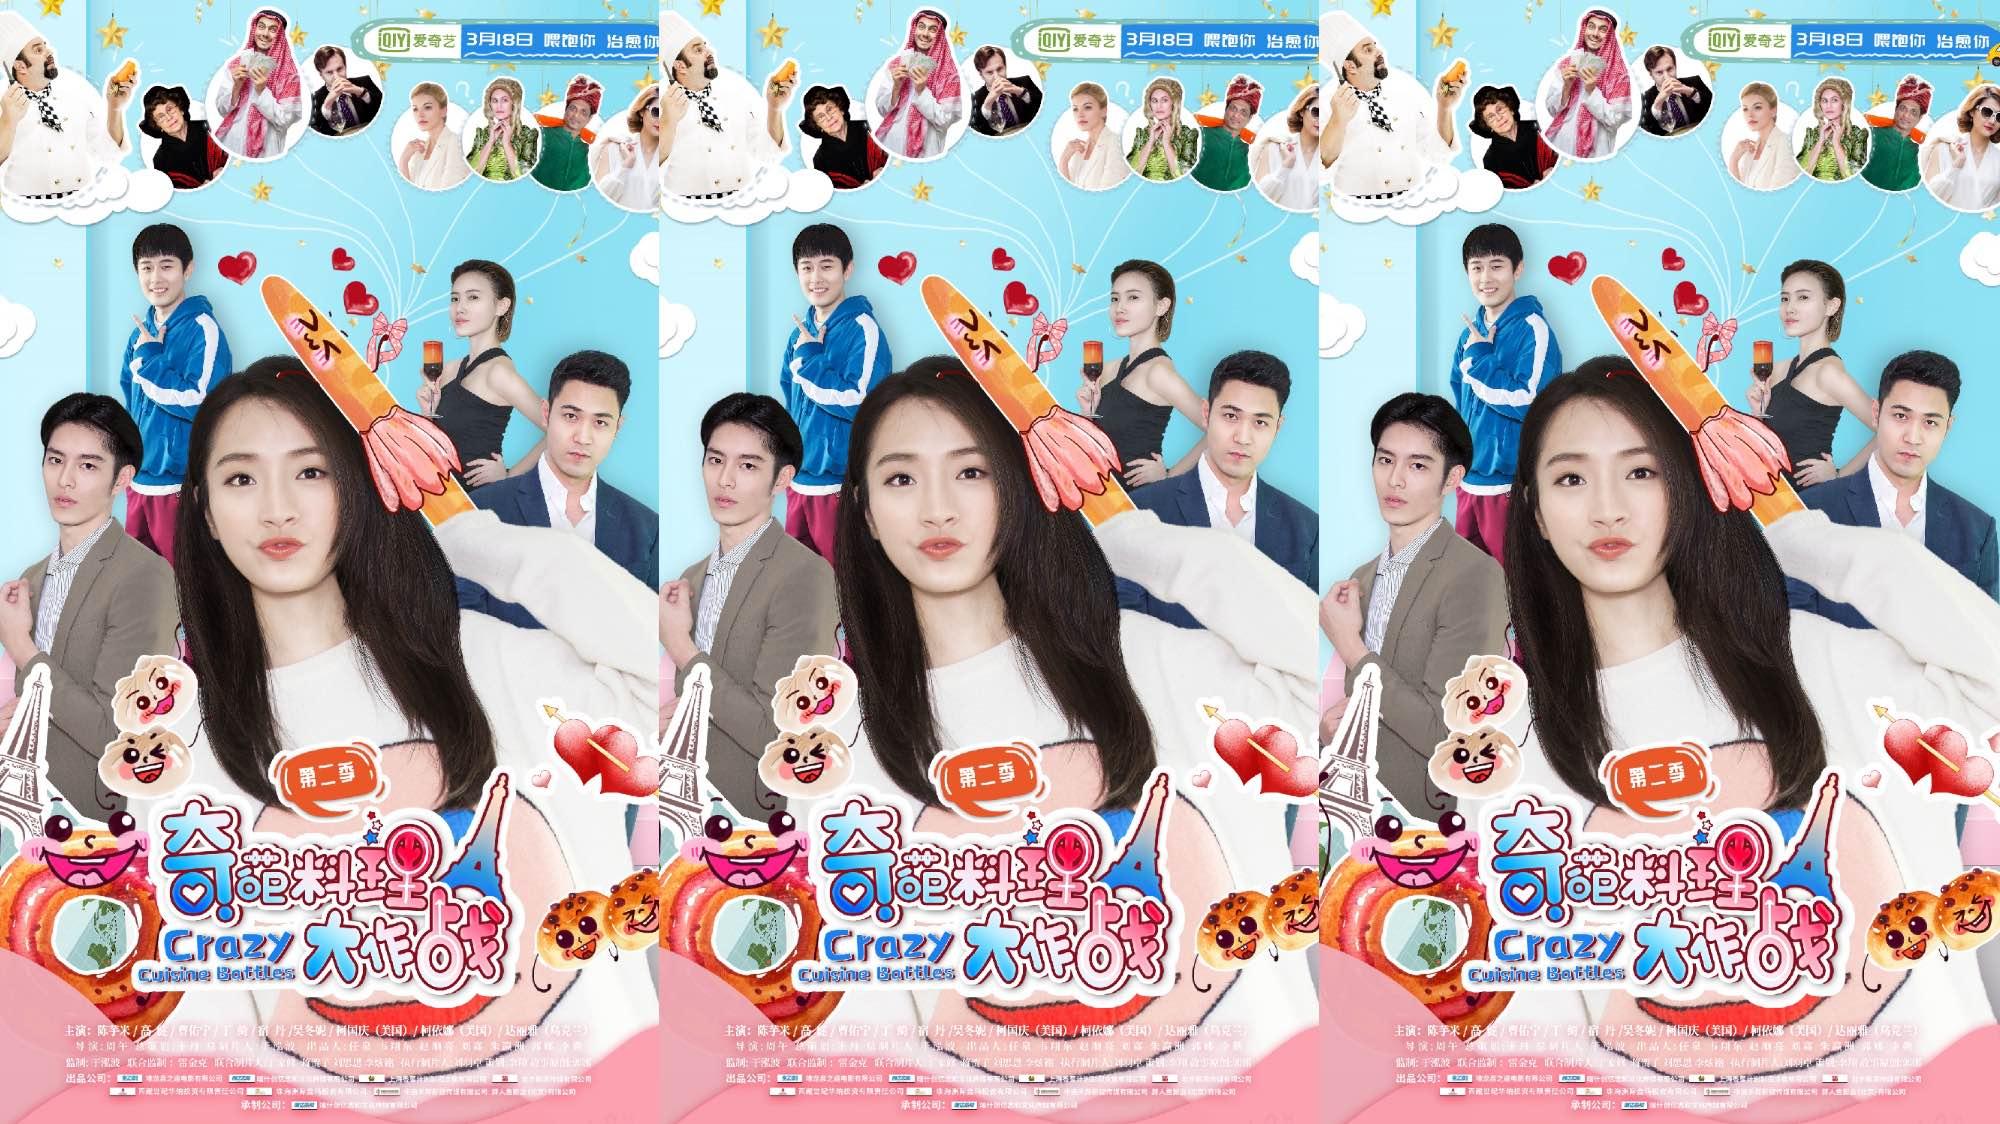 网剧《奇葩料理大作战》第二季今日上线陈芋米上演逆袭大作战